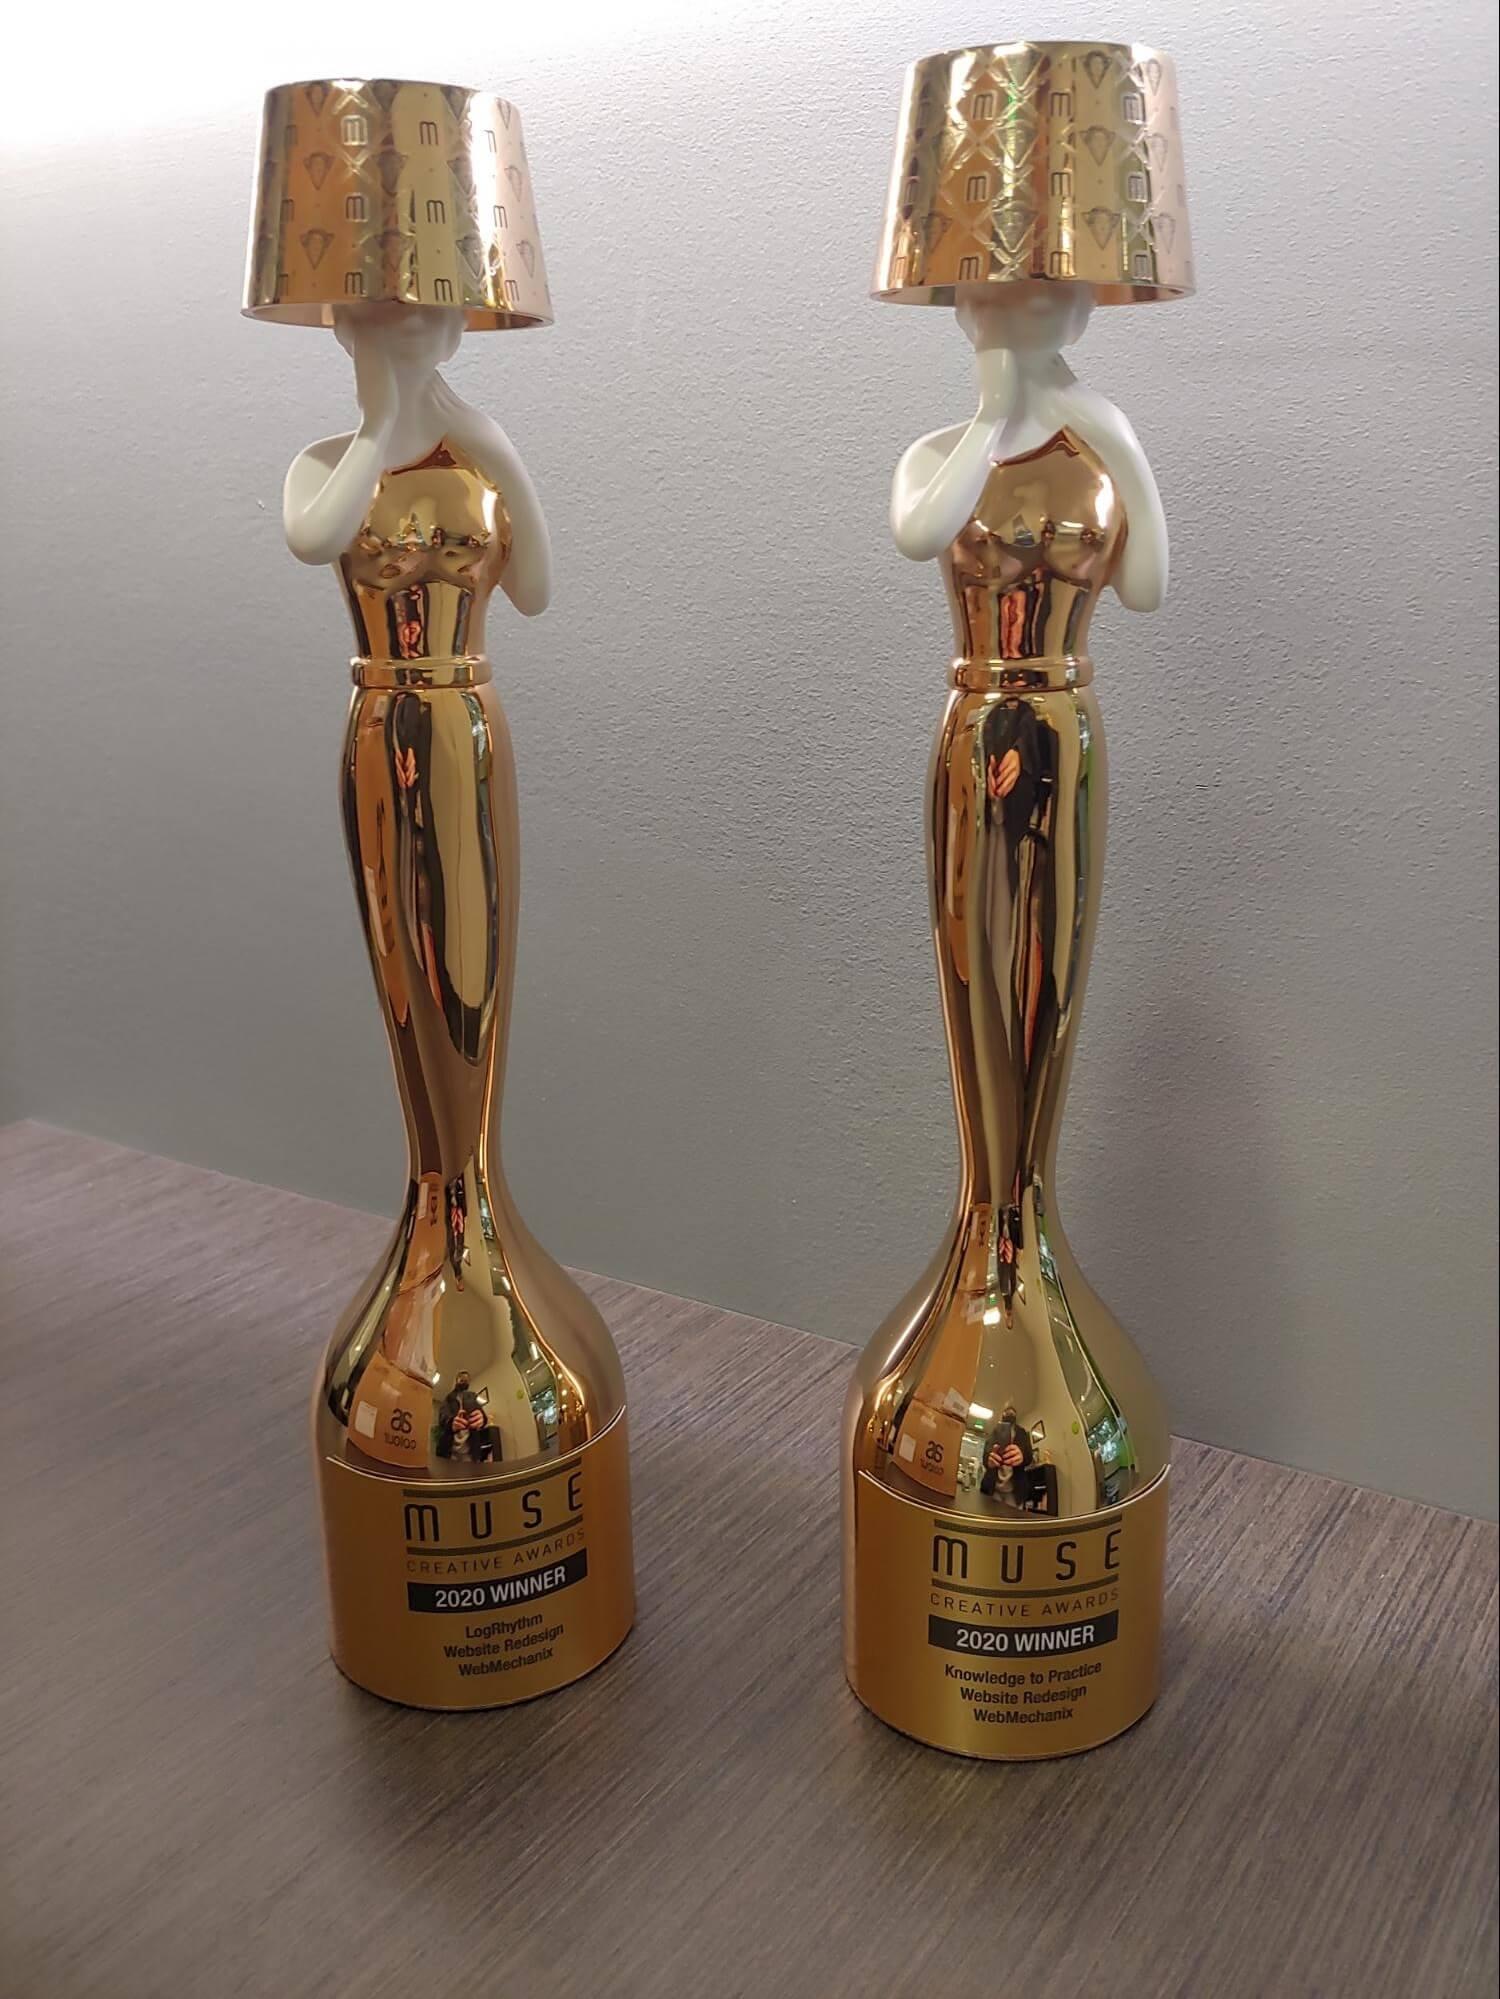 2020 Muse Award Winner